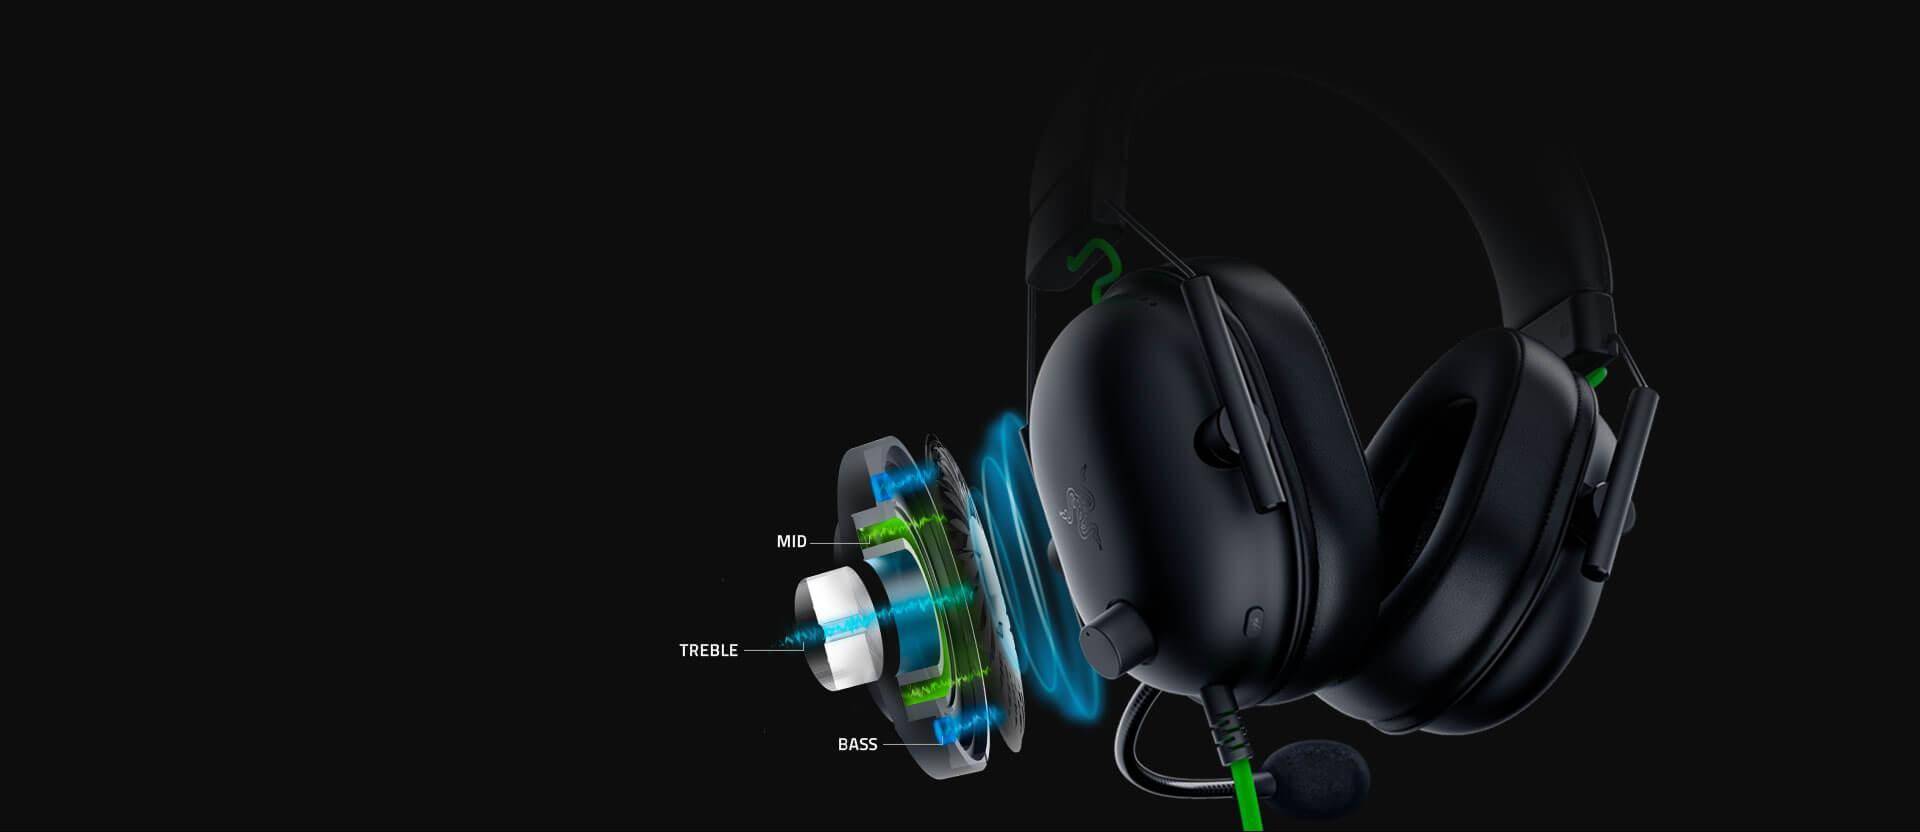 Tai nghe Razer BlackShark V2 X - Wired Gaming Headset - RZ04-03240100-R3M1 trang bị driver 50mm với thiết kế mới cho âm thanh sáng và mạnh mẽ hơn